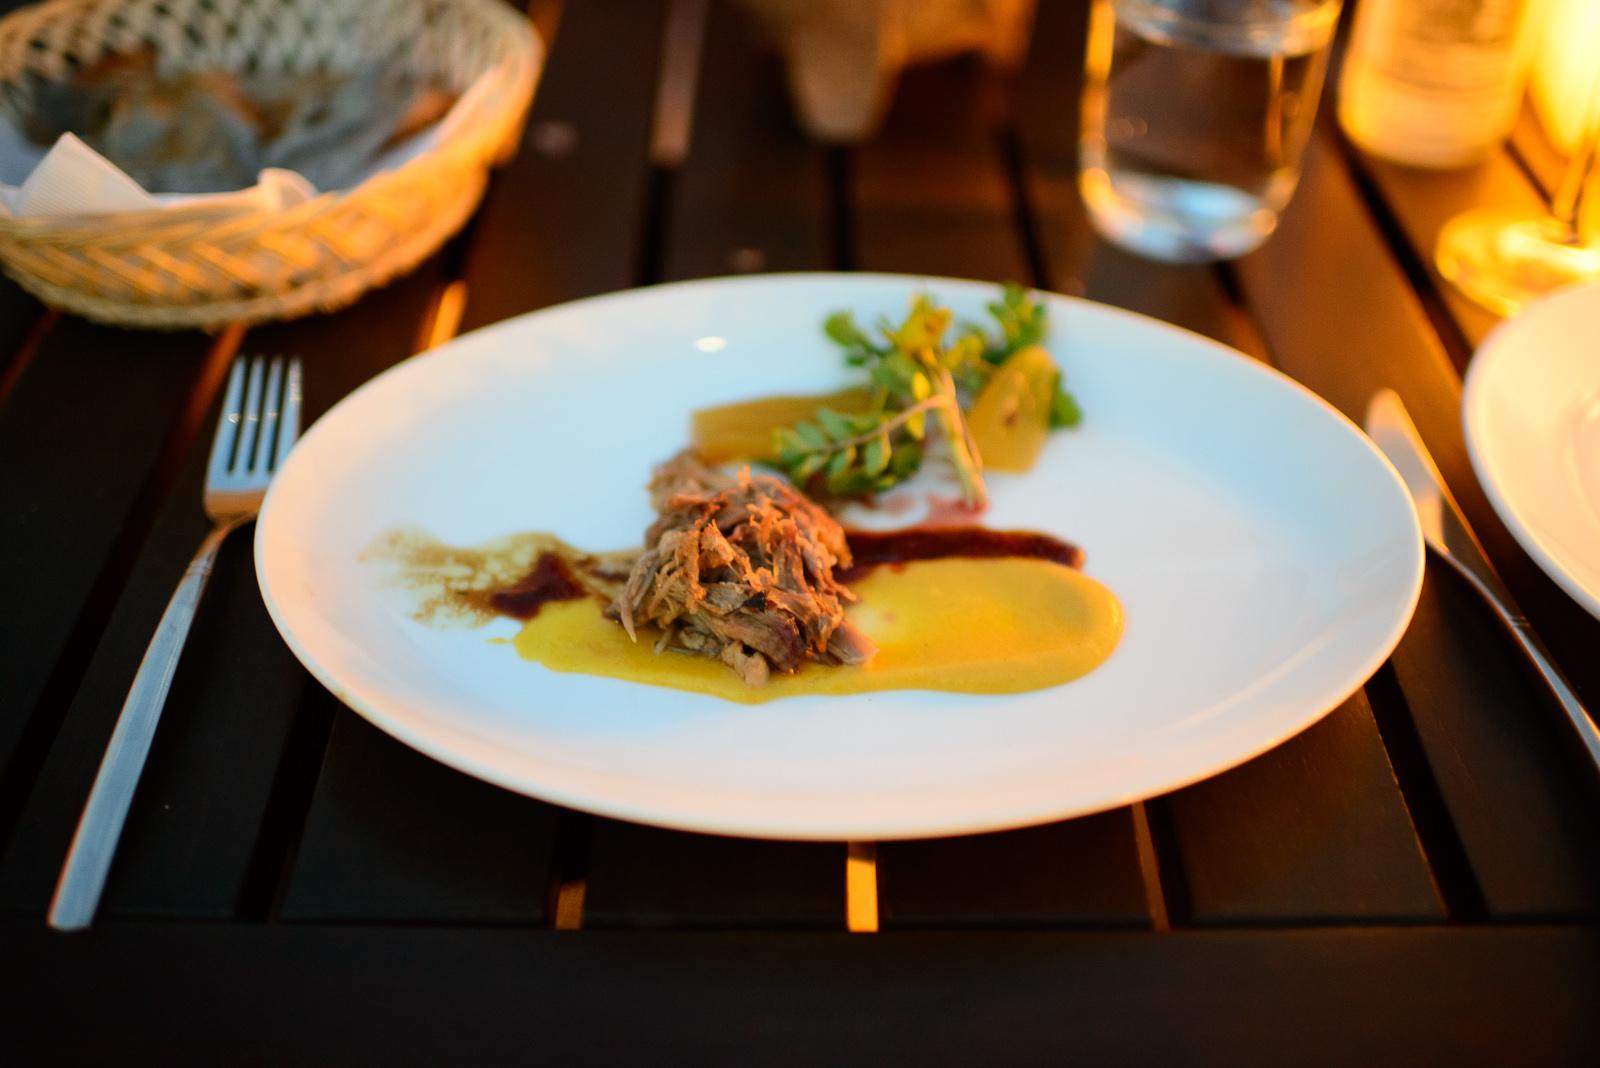 4th Course: Pechuga de pato con salsa de agave (Duck breast in a